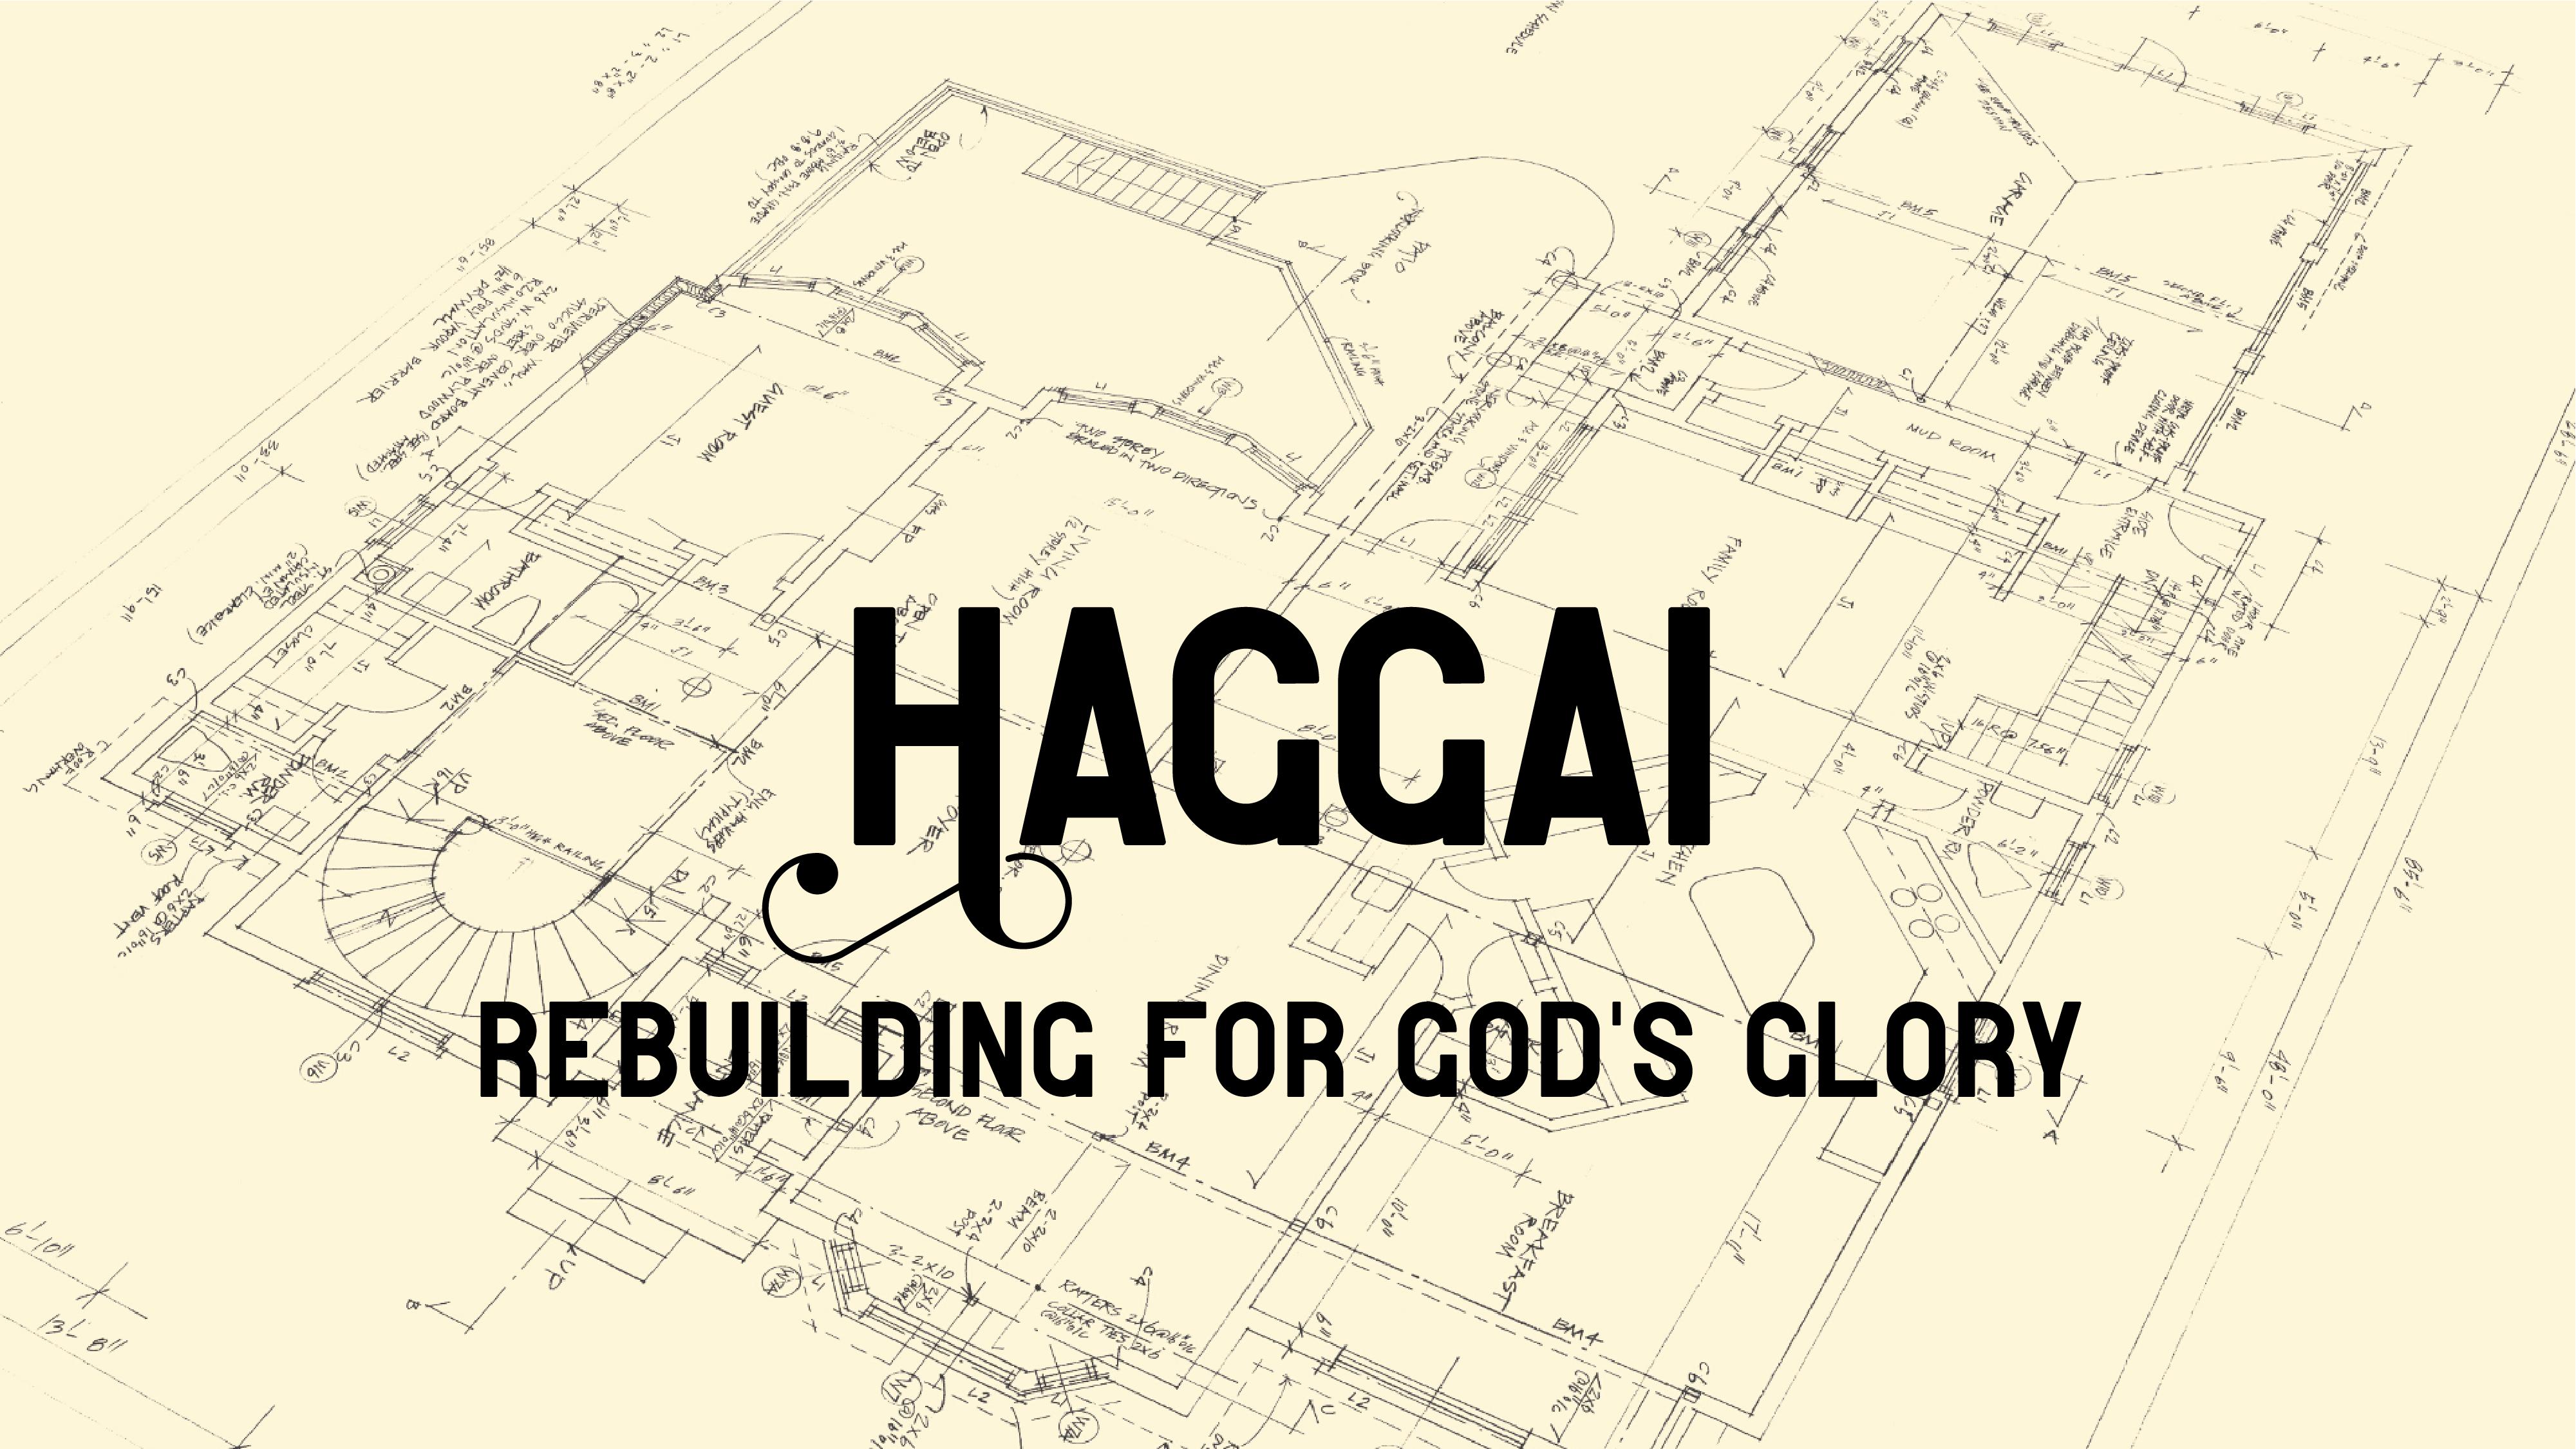 Haggai_Featured Image